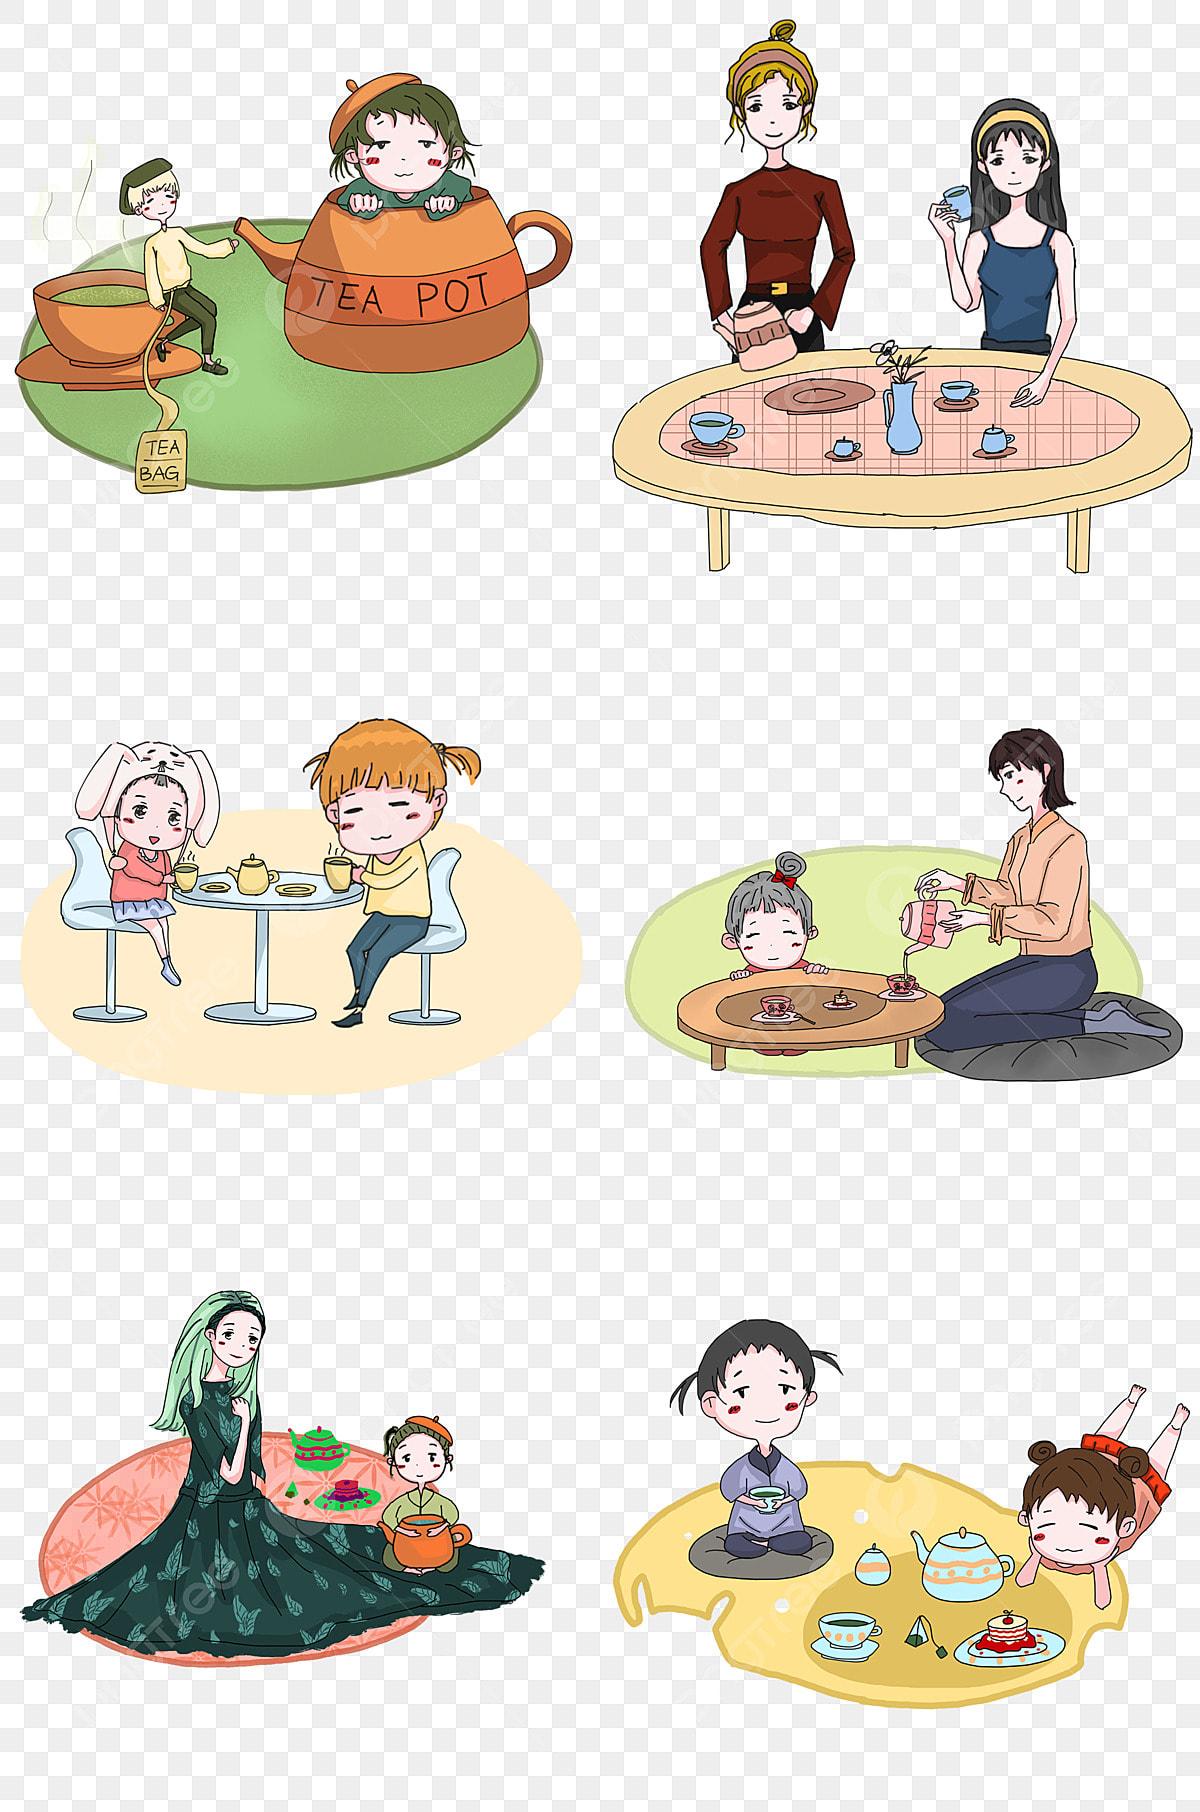 101+ Gambar Kartun Anak Upacara HD Terbaik